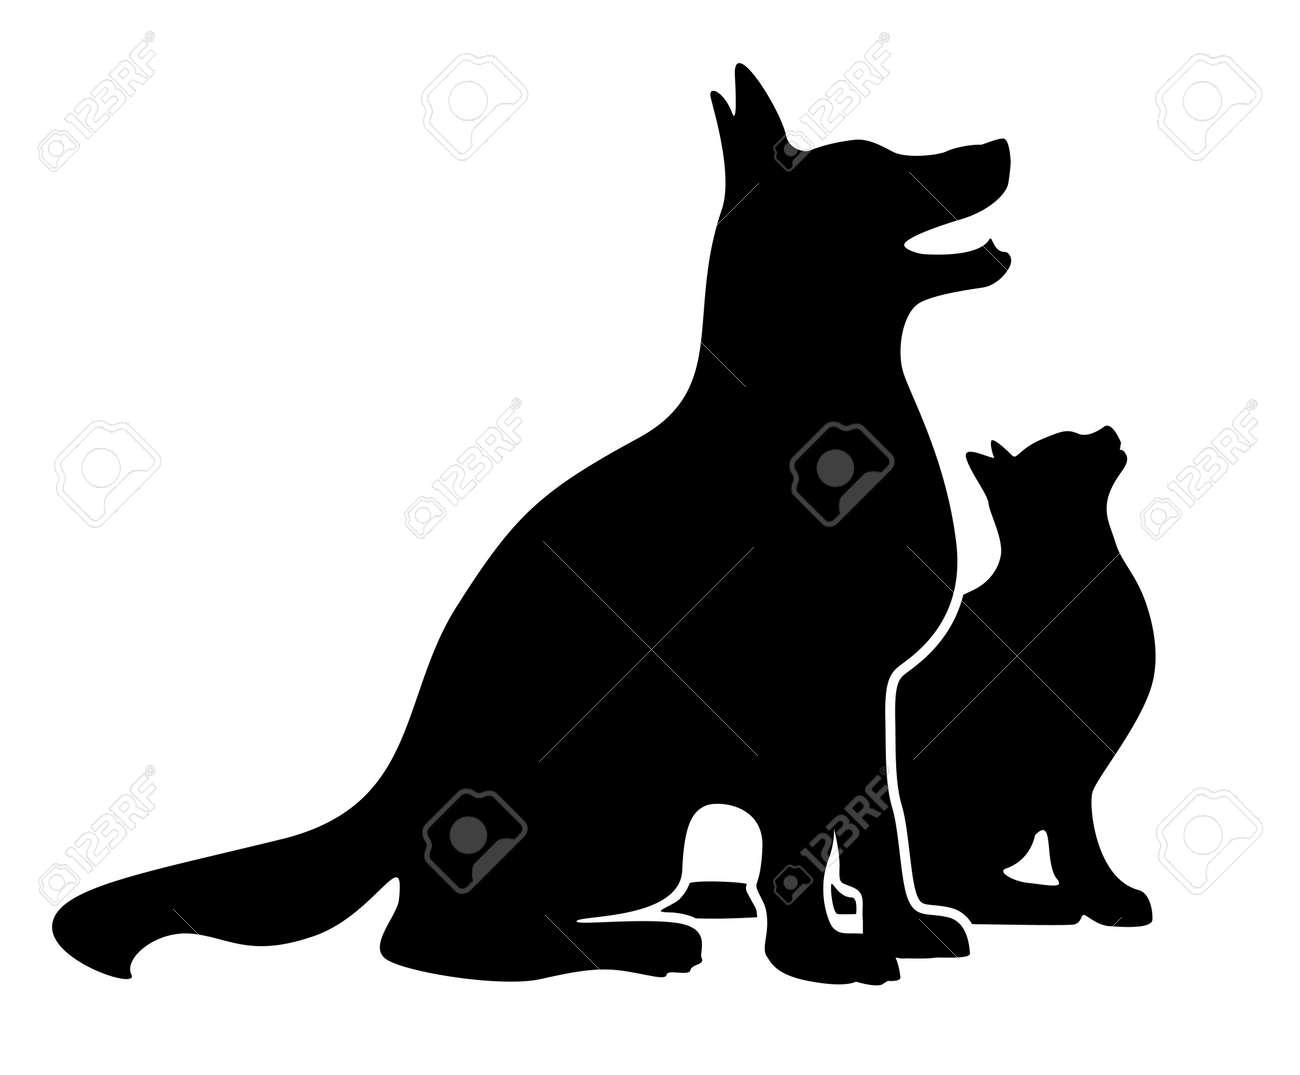 gatos silueta Perro y la silueta del gato